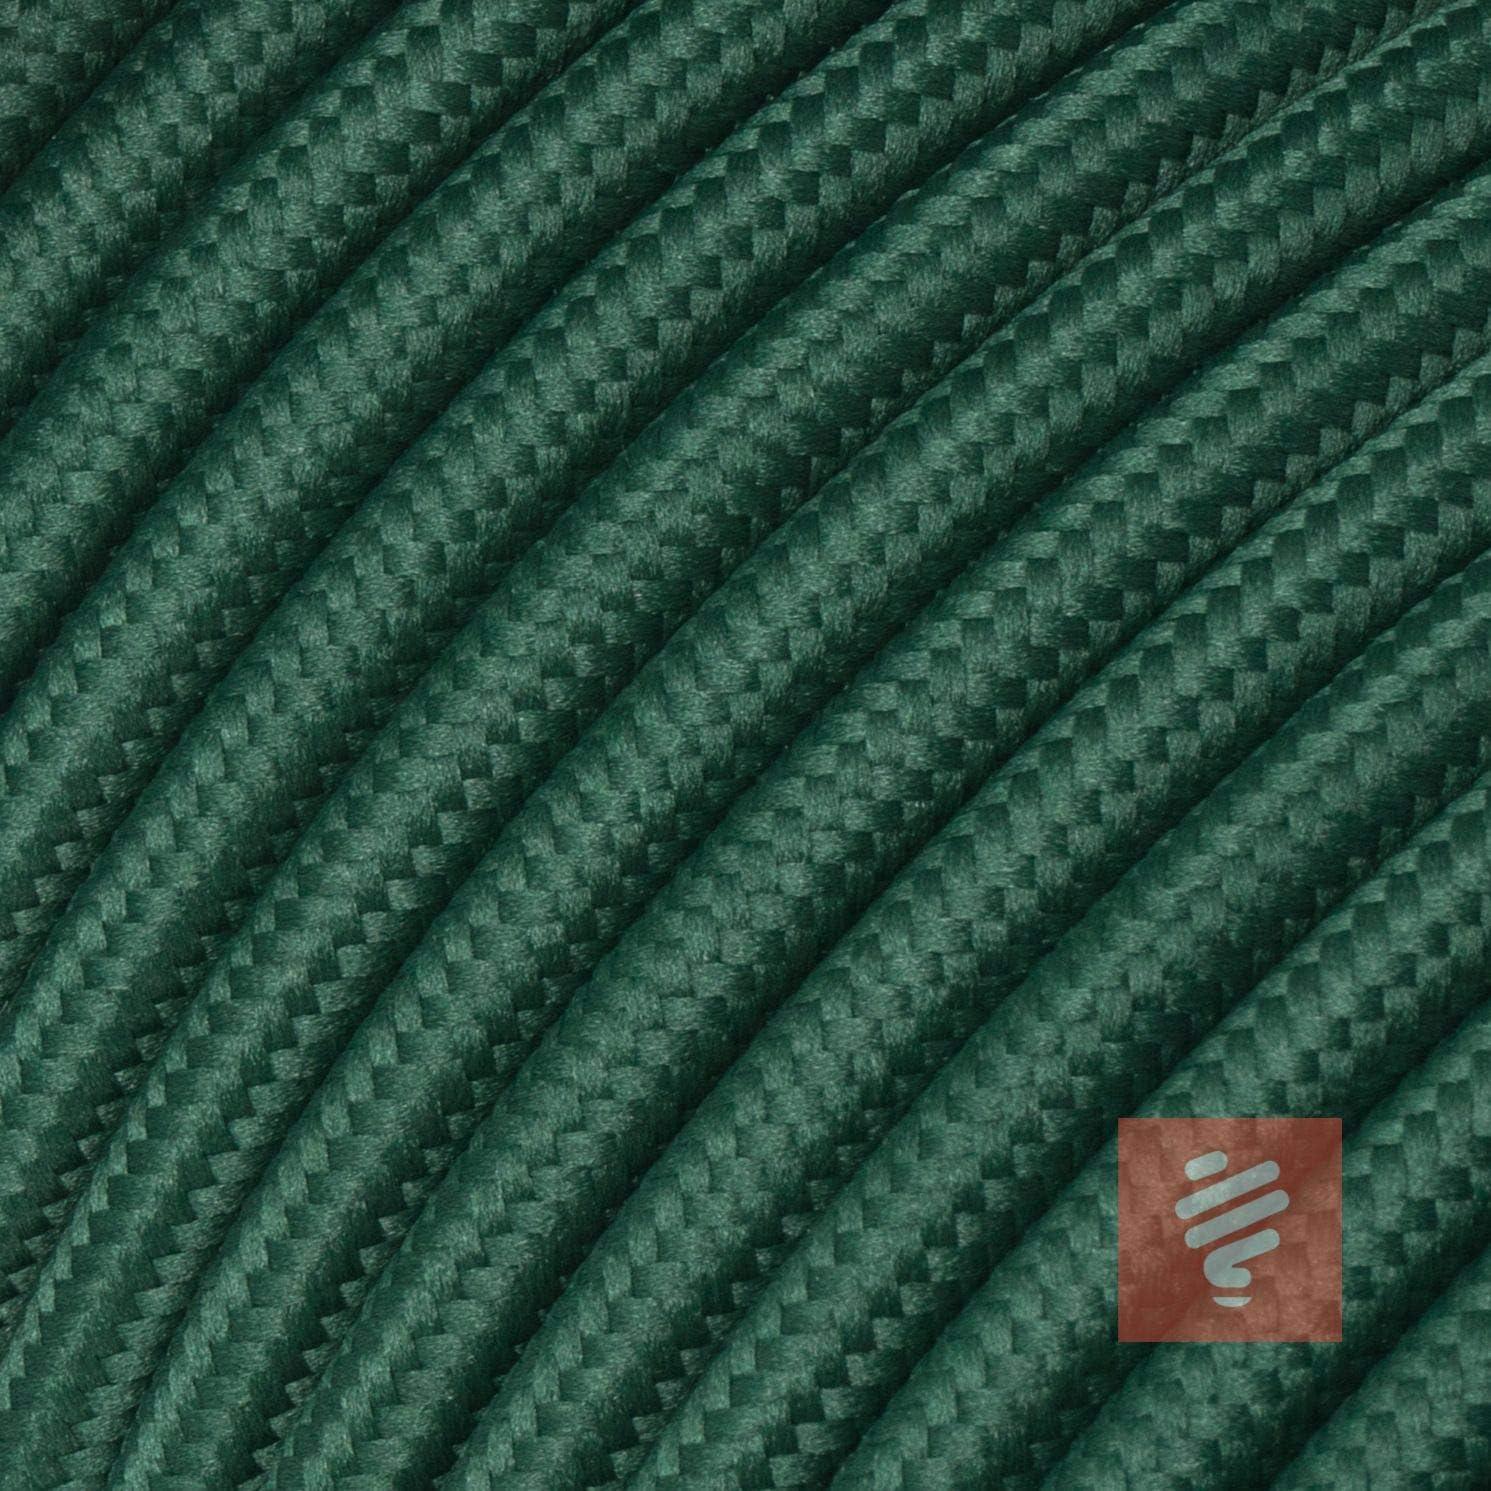 cable H03VV-F 3 x 0,75 mm2 de 3 hilos enchufe en /ángulo de Duroplast: aspecto de baquelita color negro y naranja 1,8 metros Cable de tela con enchufe Schuko